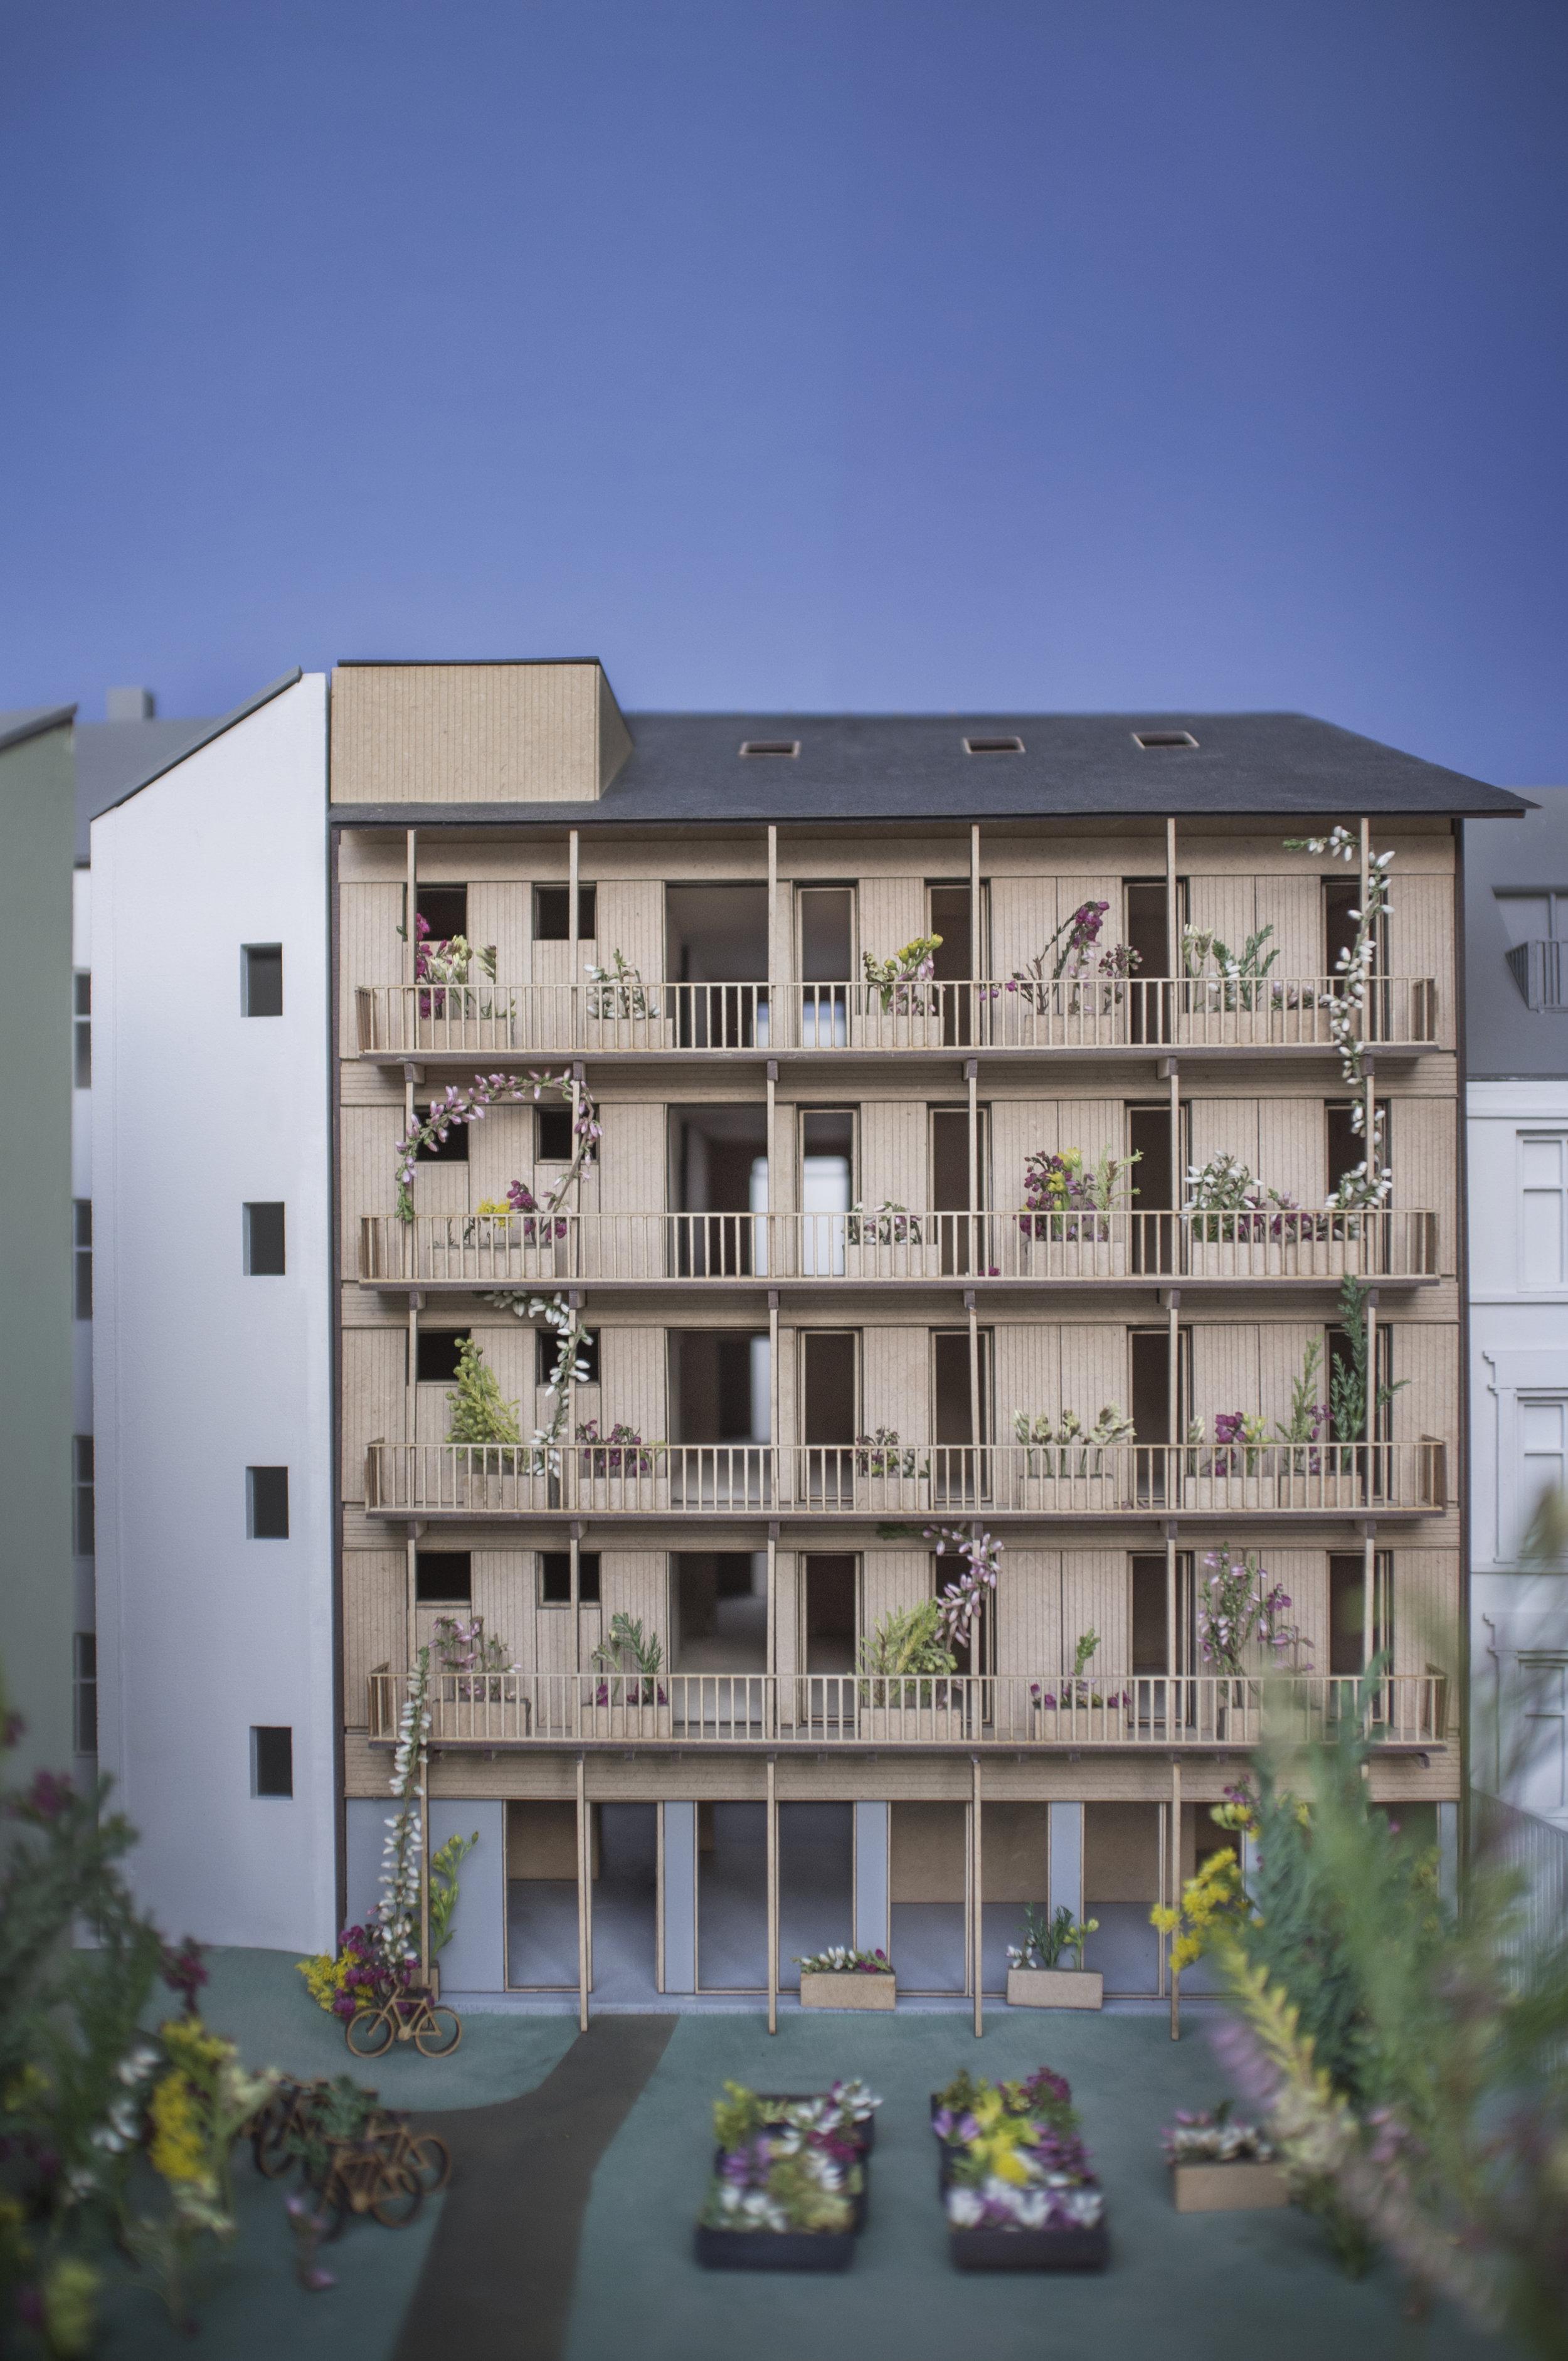 Model of Hauskvartalet - Foto Eriksen Skajaa